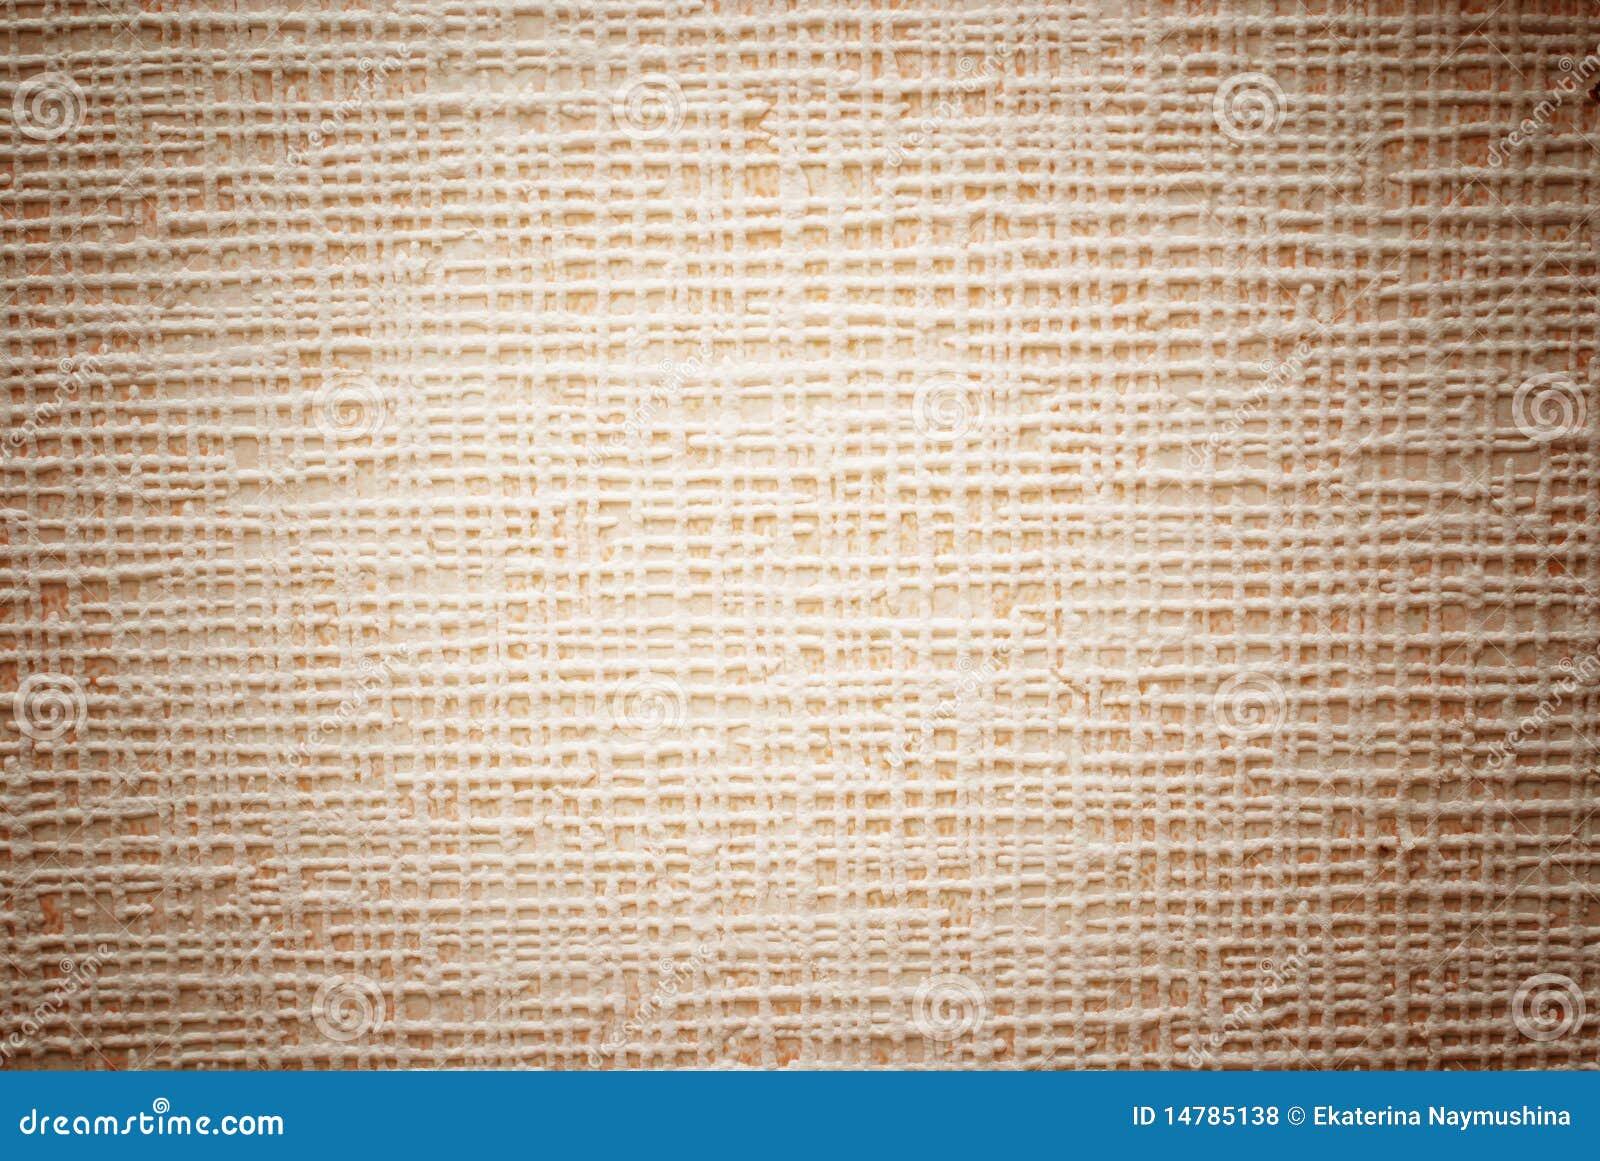 Textured vignette background